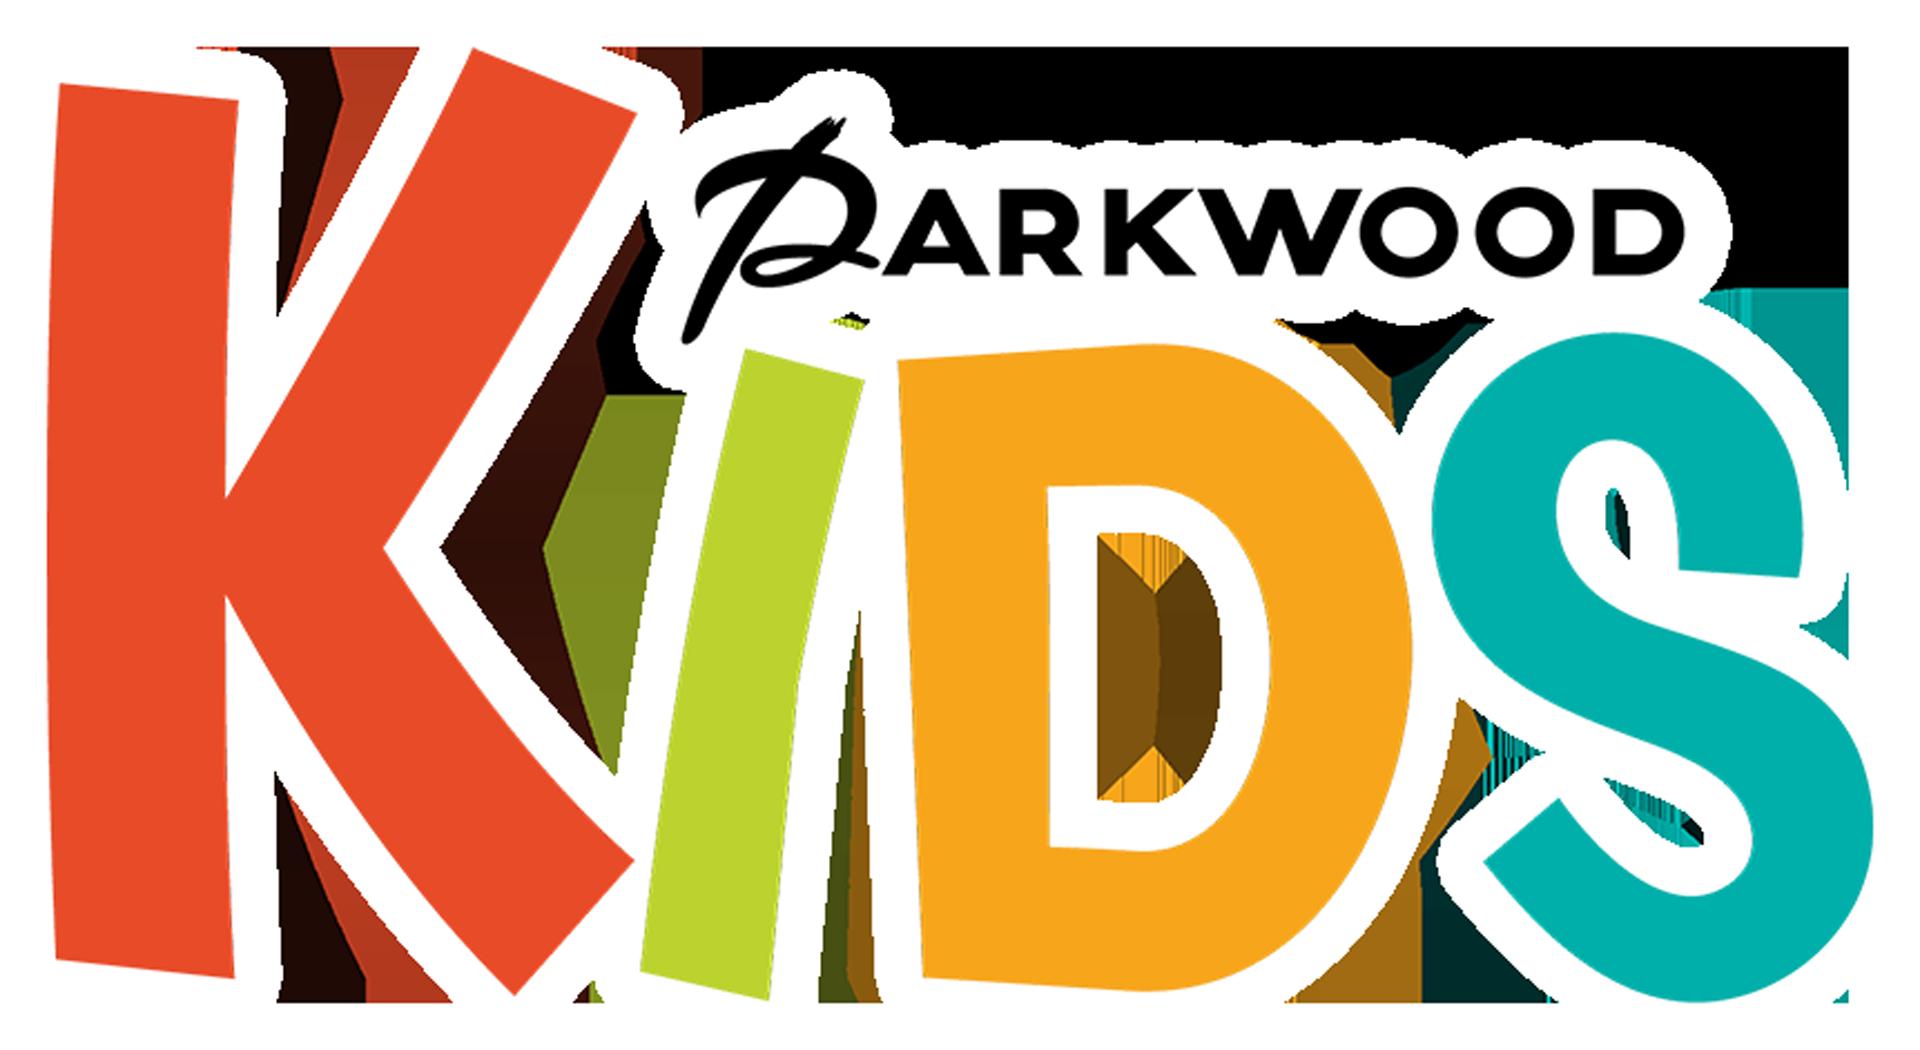 Parkwood-Kids-Logo-trans-s.png